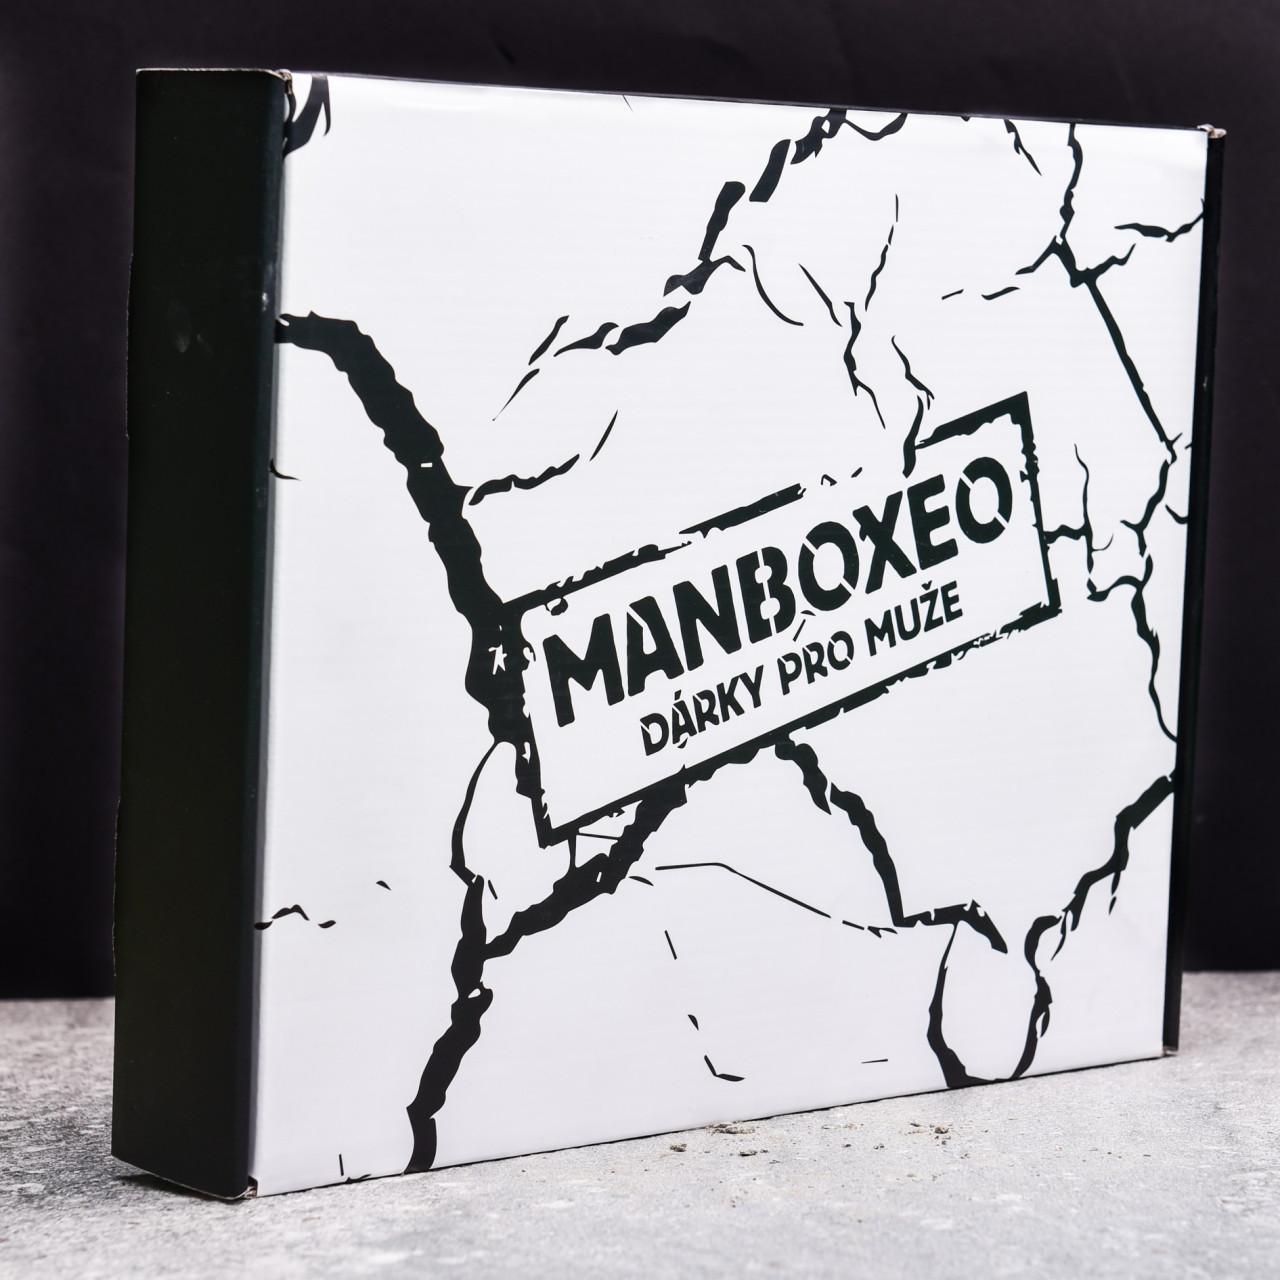 Drkov krabice Manboxeo - drek pro mue k vro.jpg